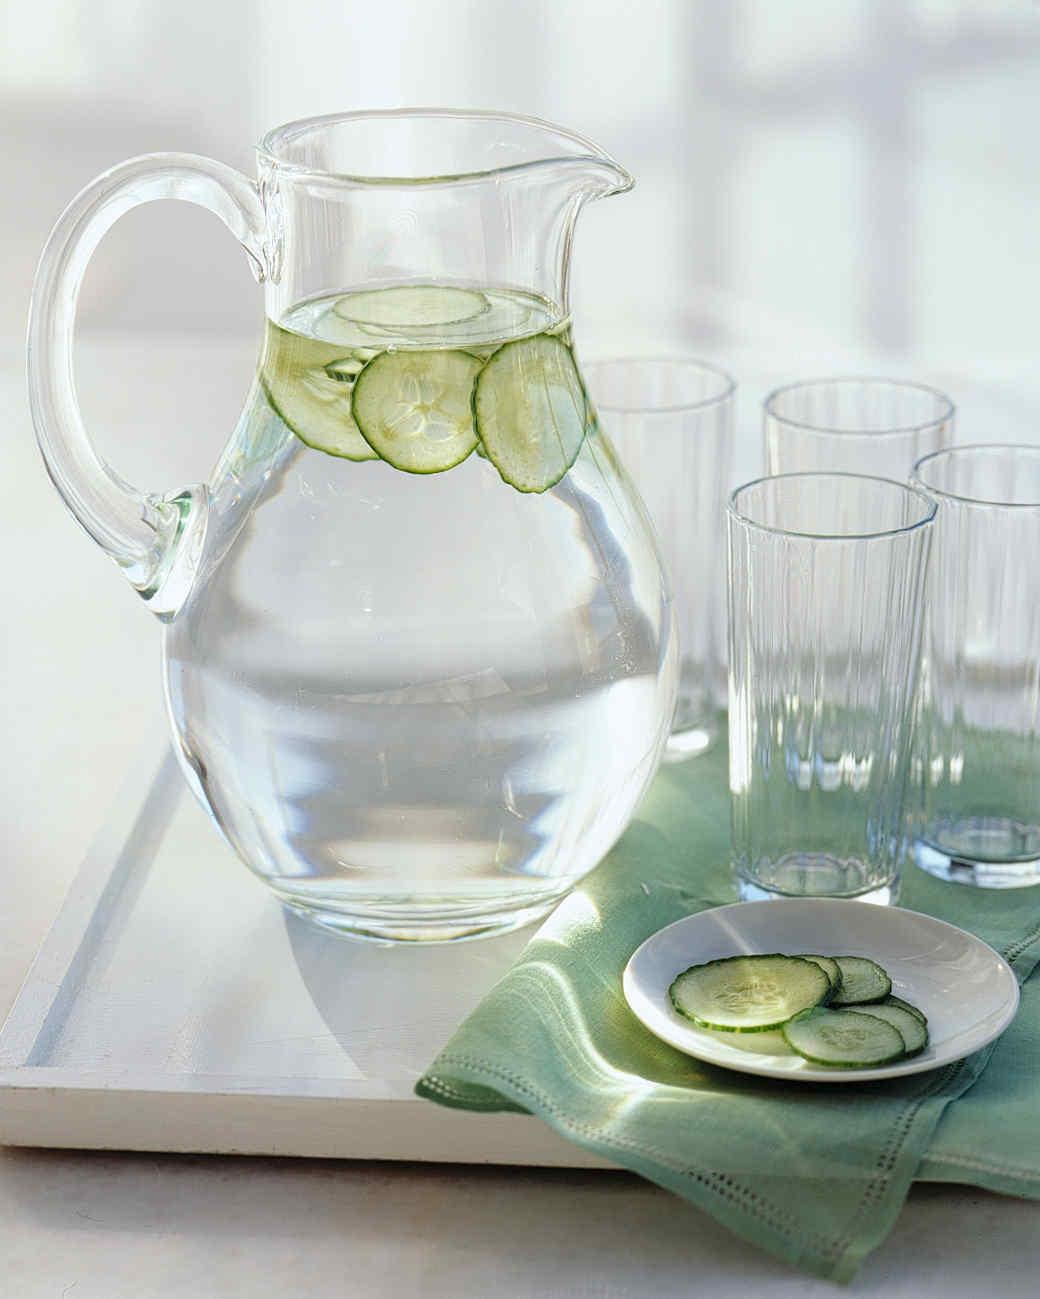 gt03maymsl_cucumberwater02.jpg